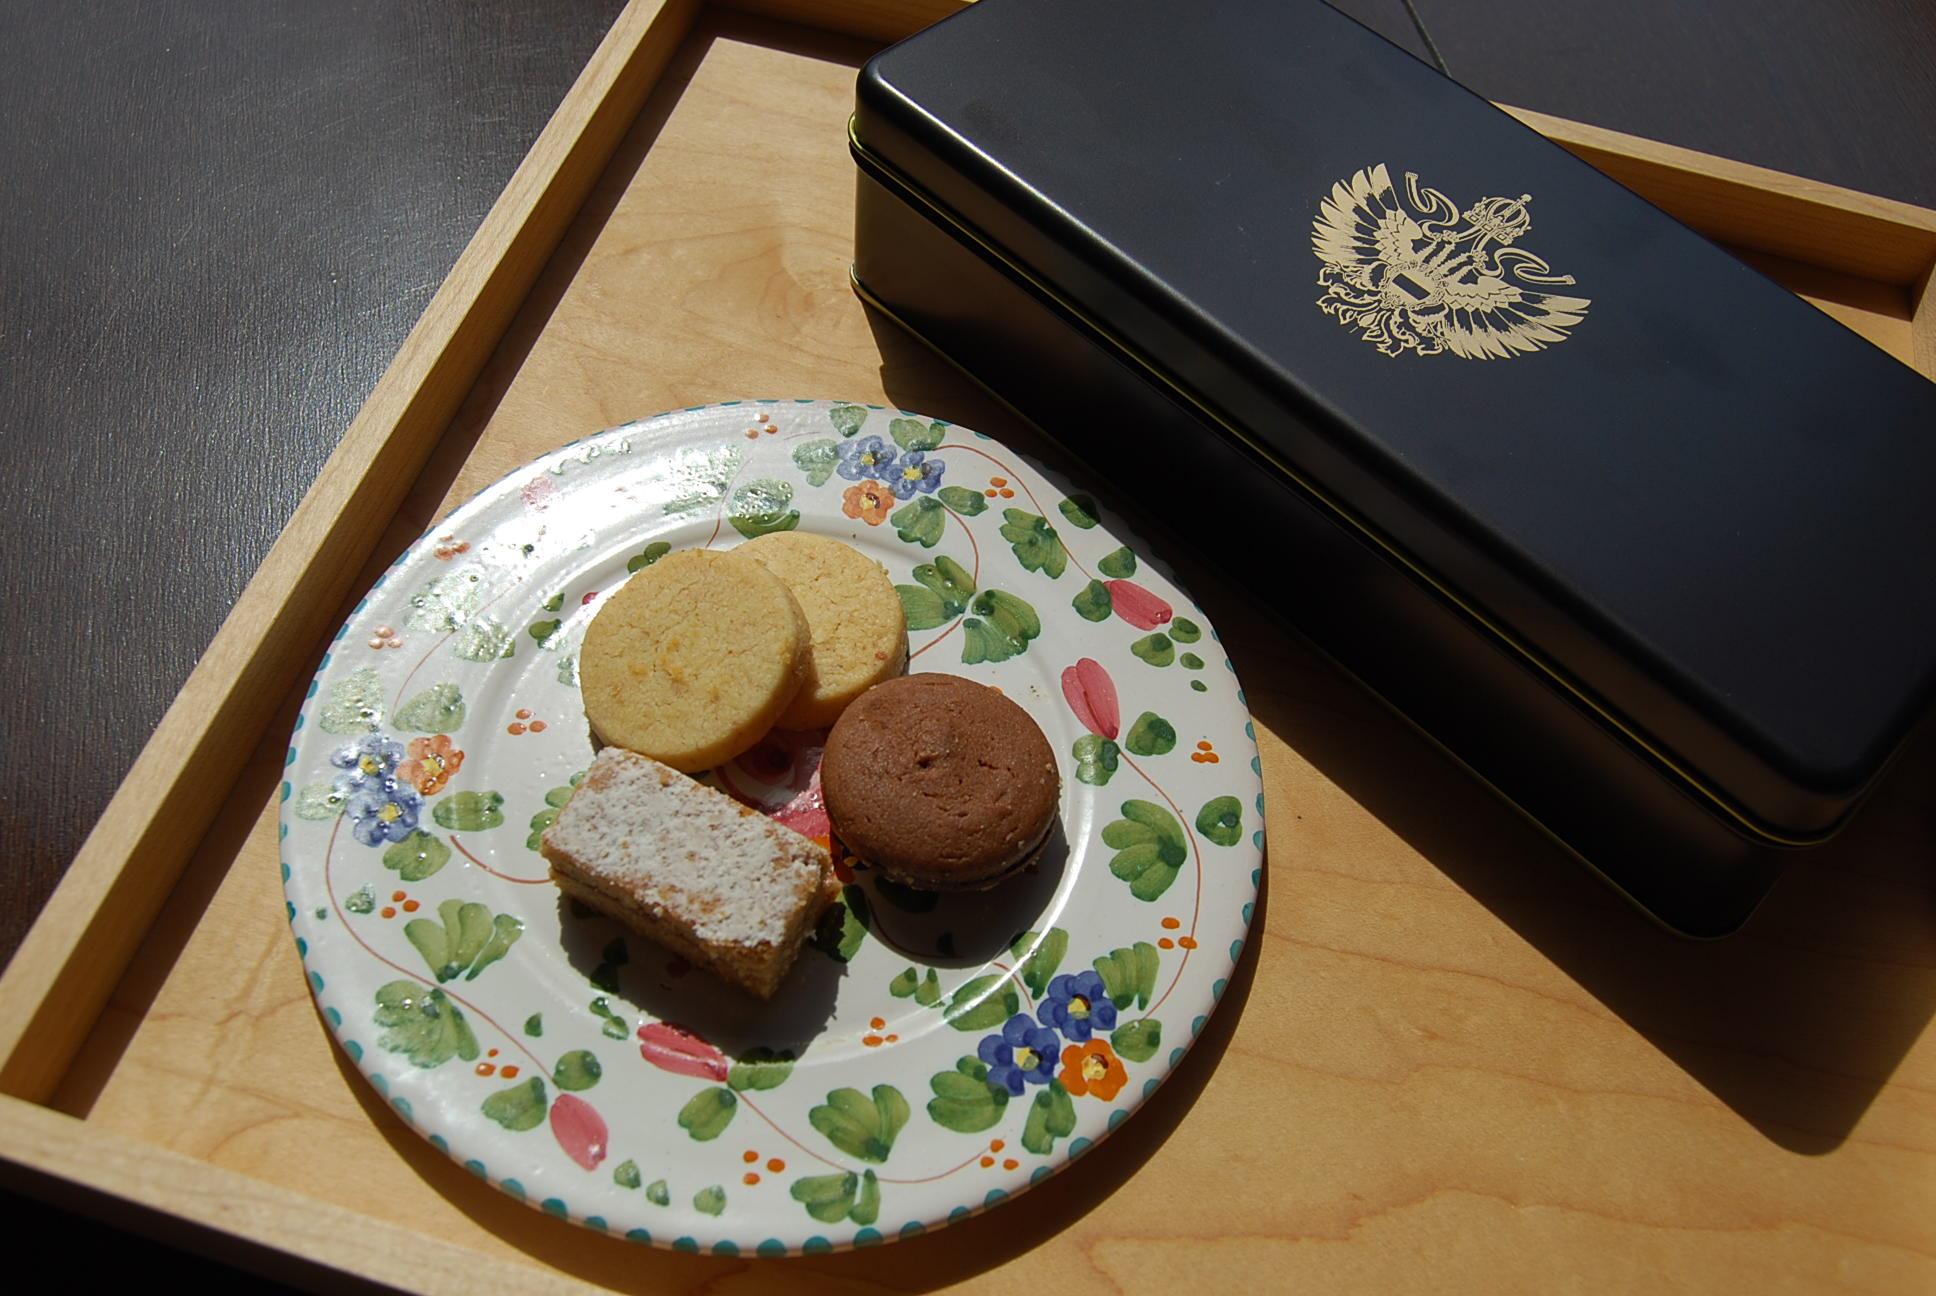 ツッカベッカライカヌヤマのクッキー_e0142956_12175816.jpg